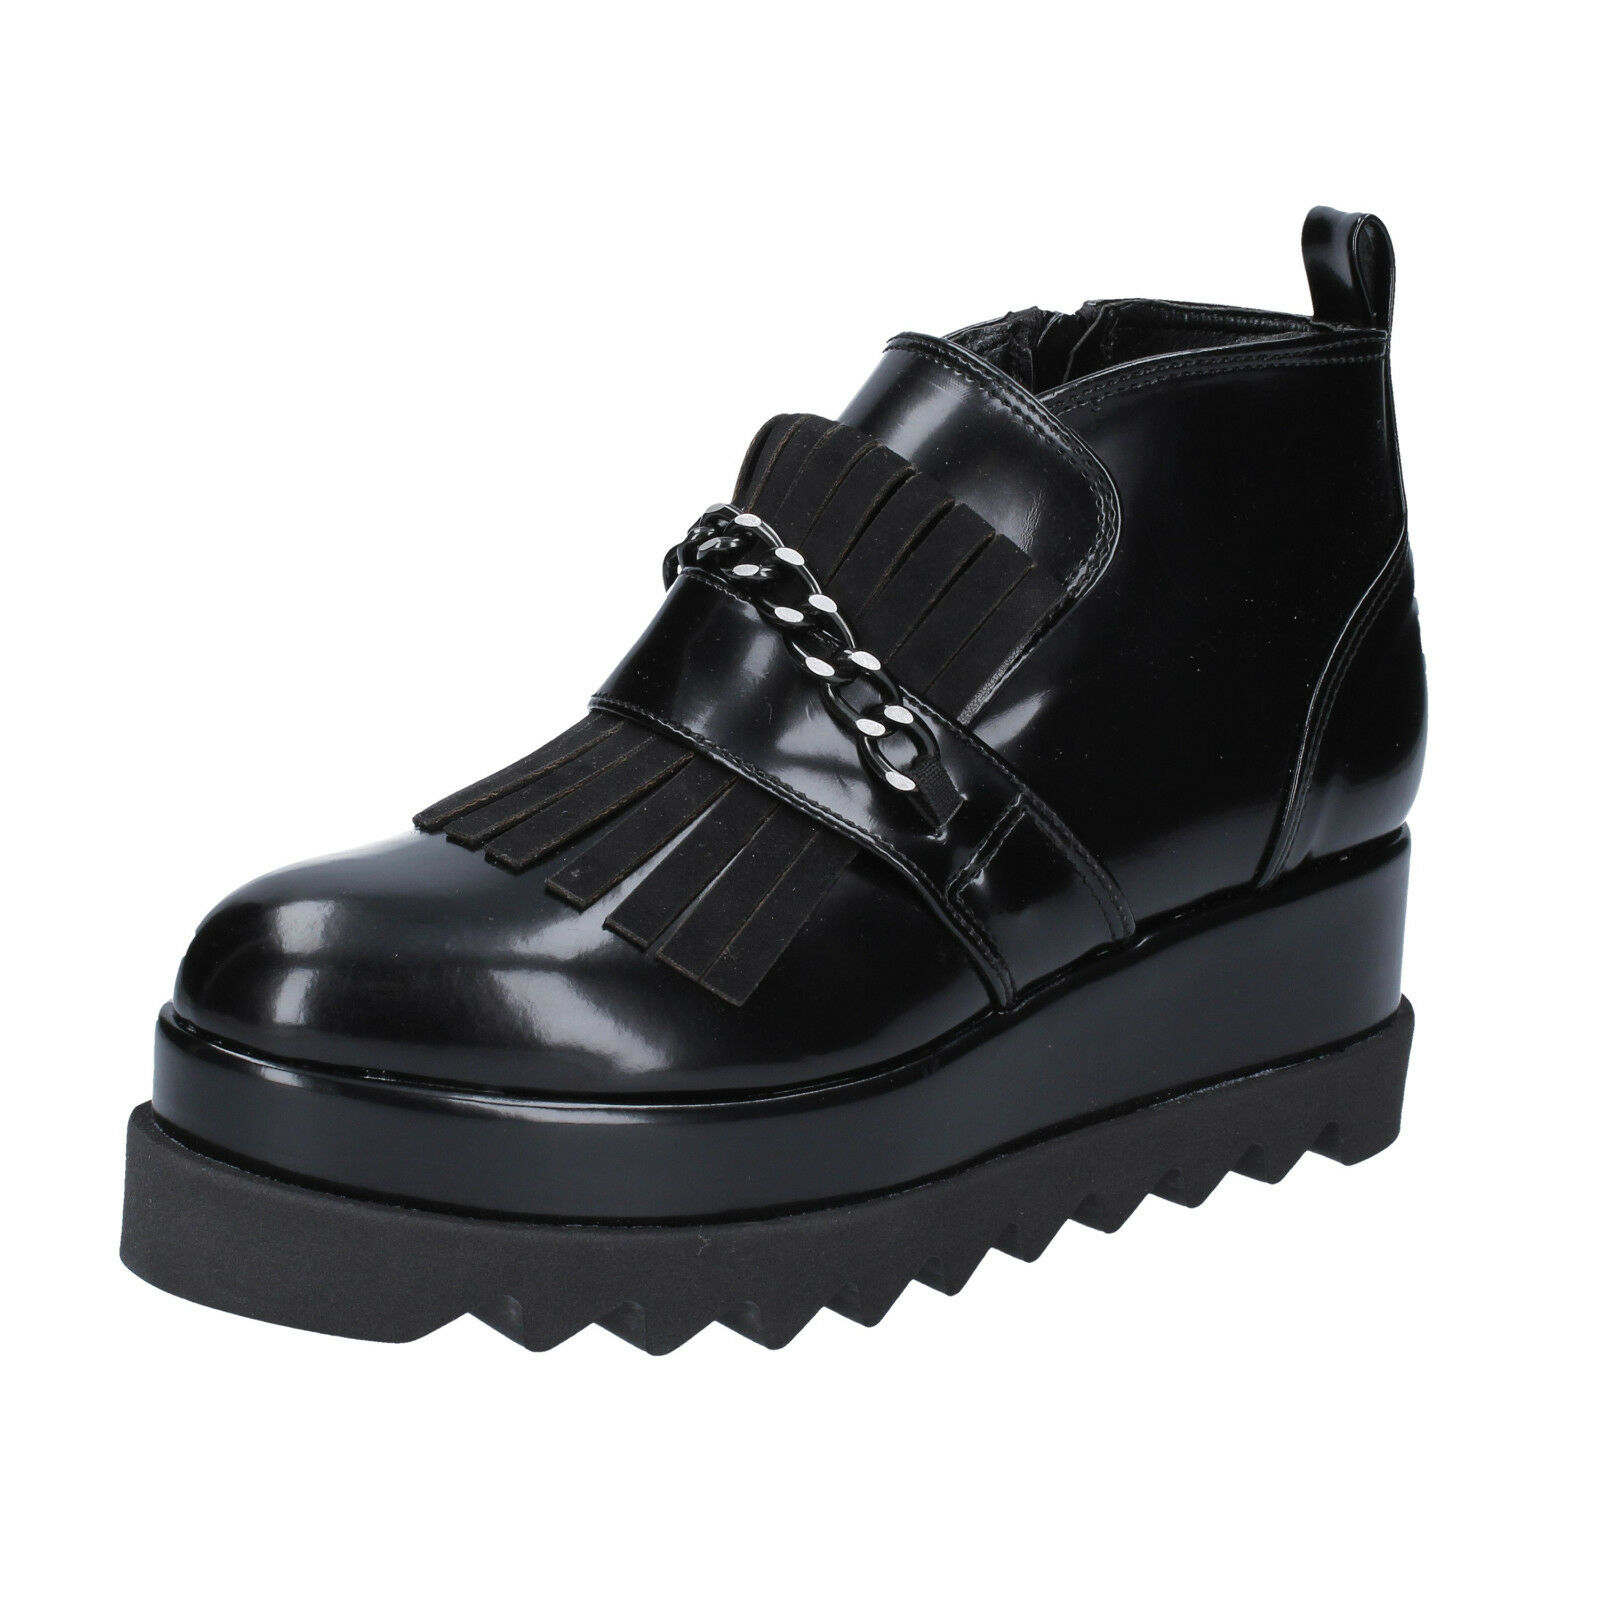 Damen schuhe OLGA RUBINI 41 EU ankle boots elegante schwarz leder BX782-41